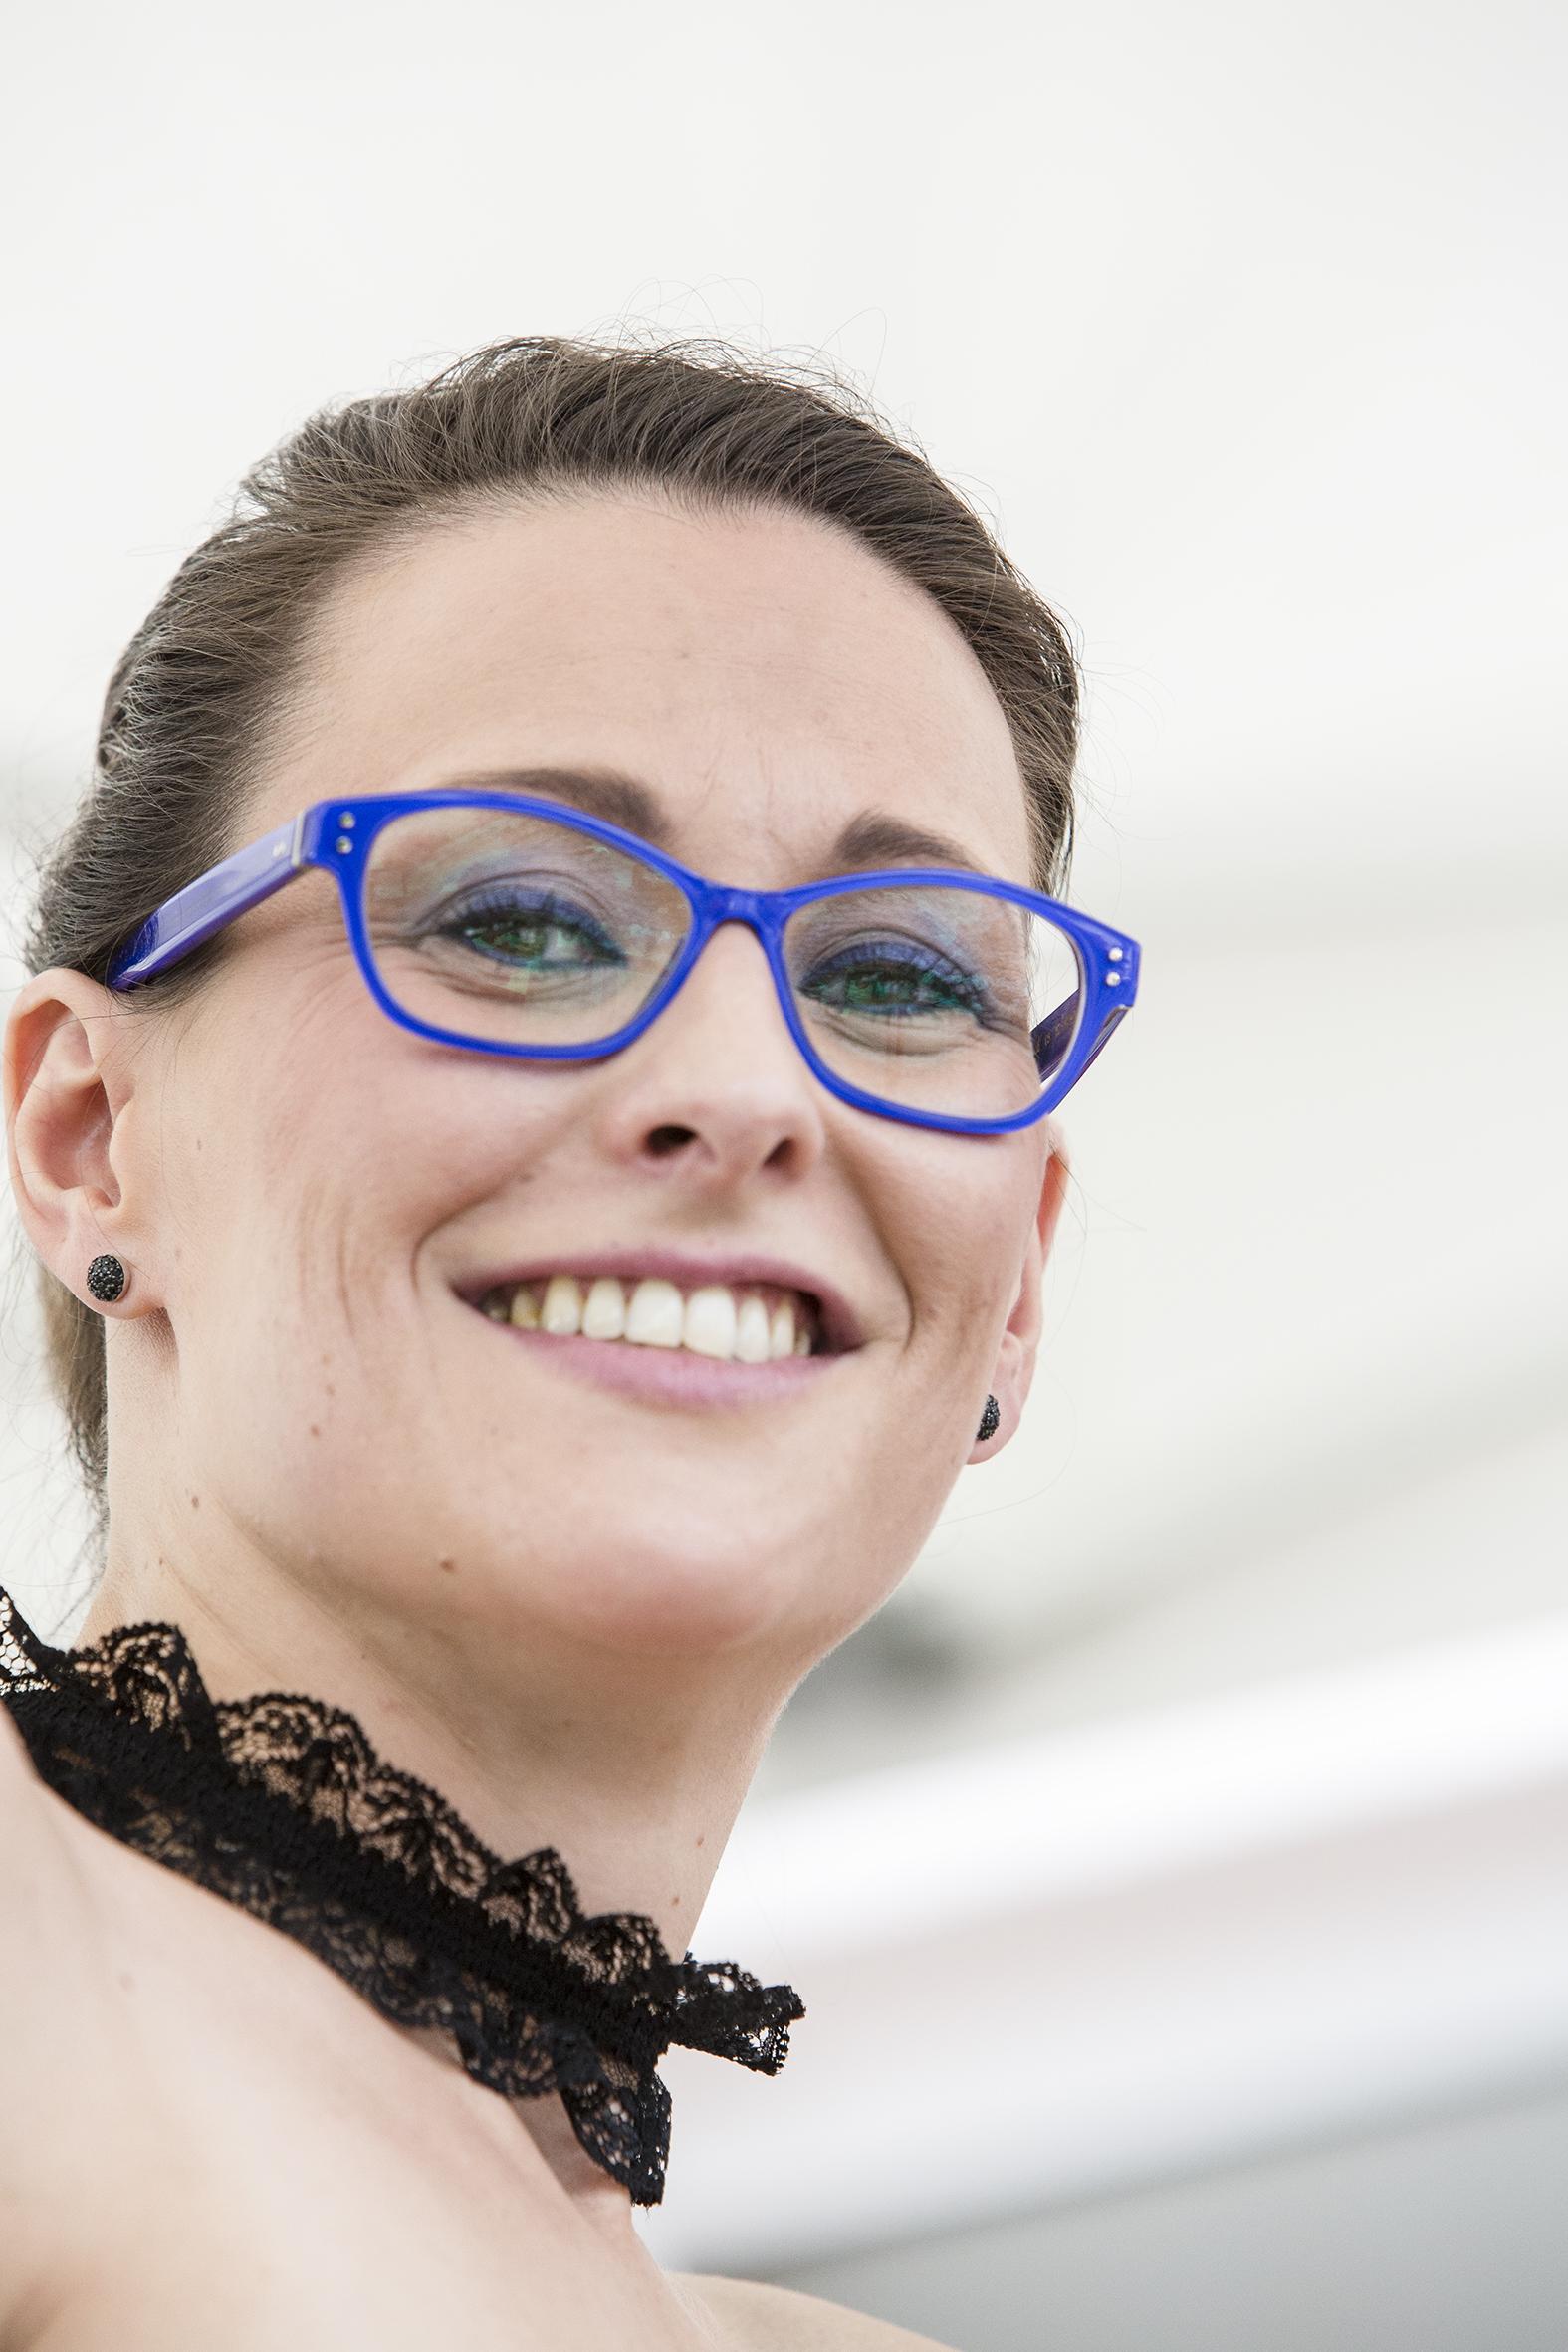 portraits-nadine-holderith-weiss-lfestival-au-gr+¿s-du-jazz-la-petite-pierre-2015-marie-colette-becker-10